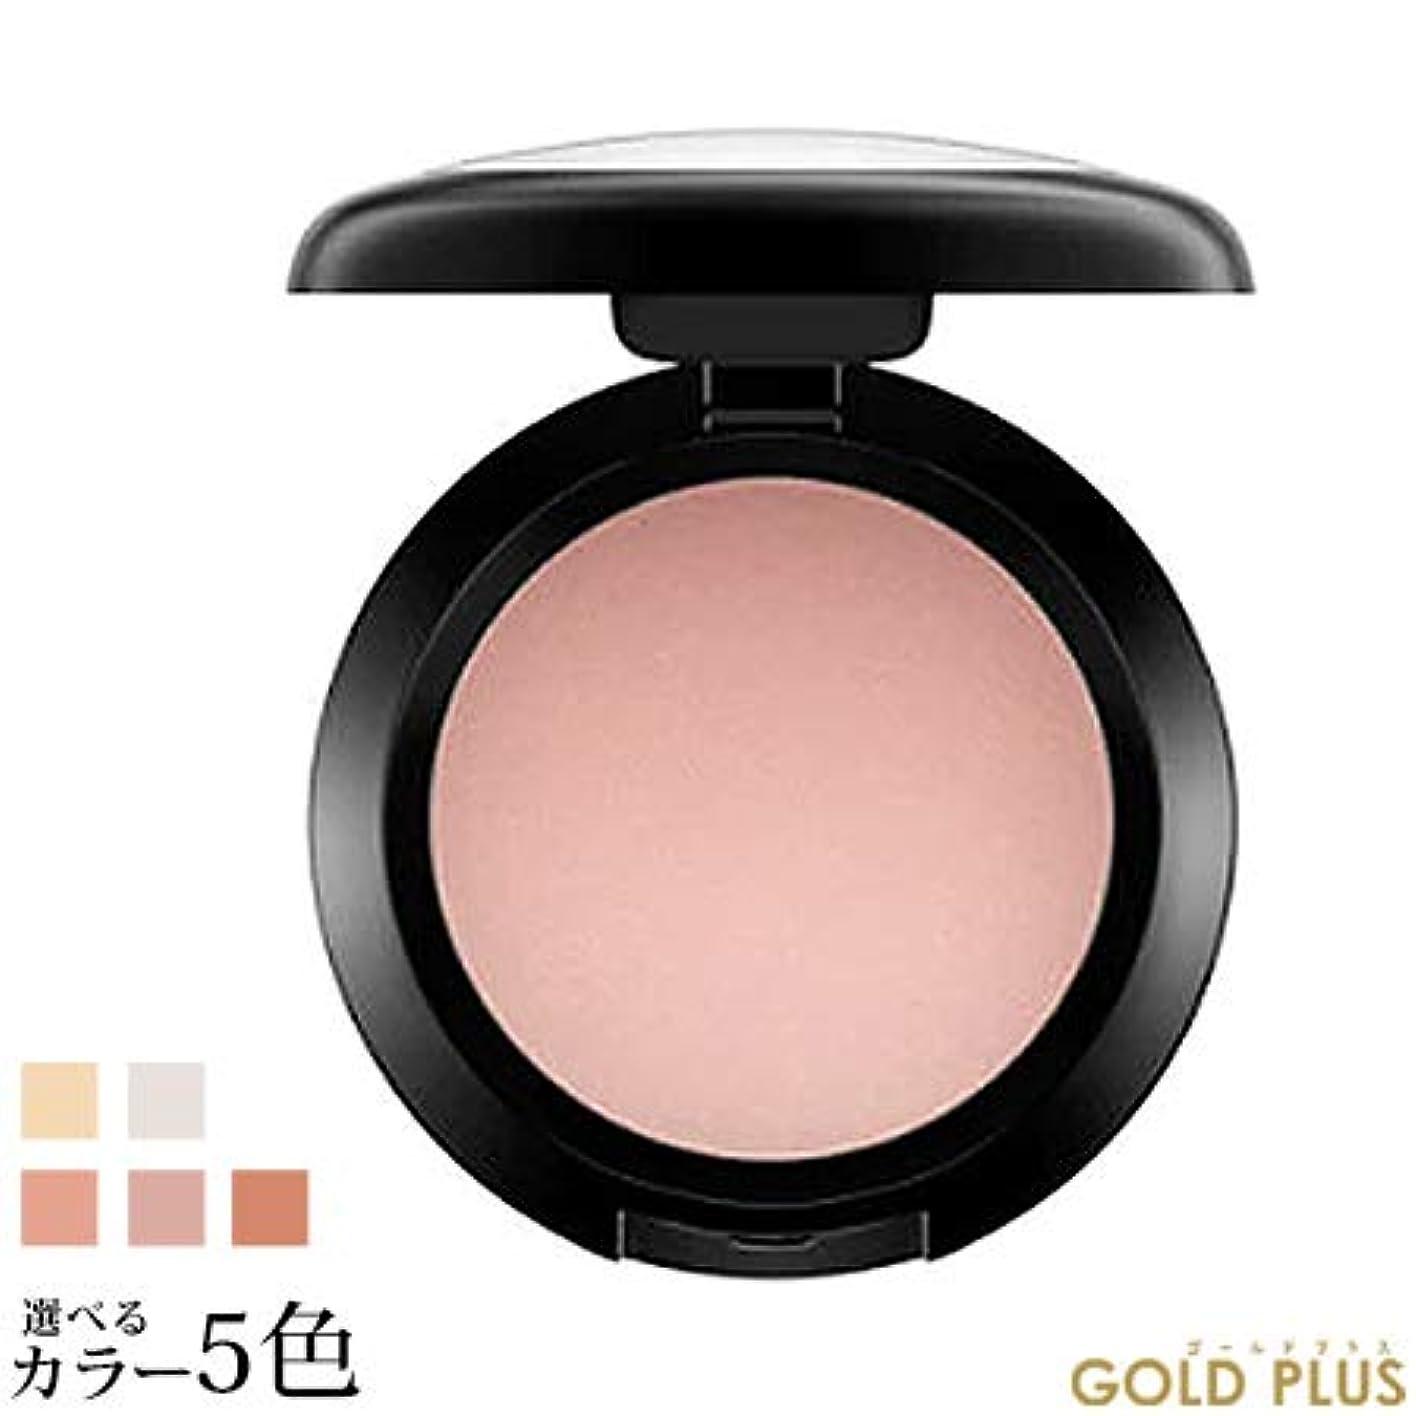 関係ない立ち寄るパークマック クリーム カラー ベース 選べるカラー5色 -MAC- ルーナ